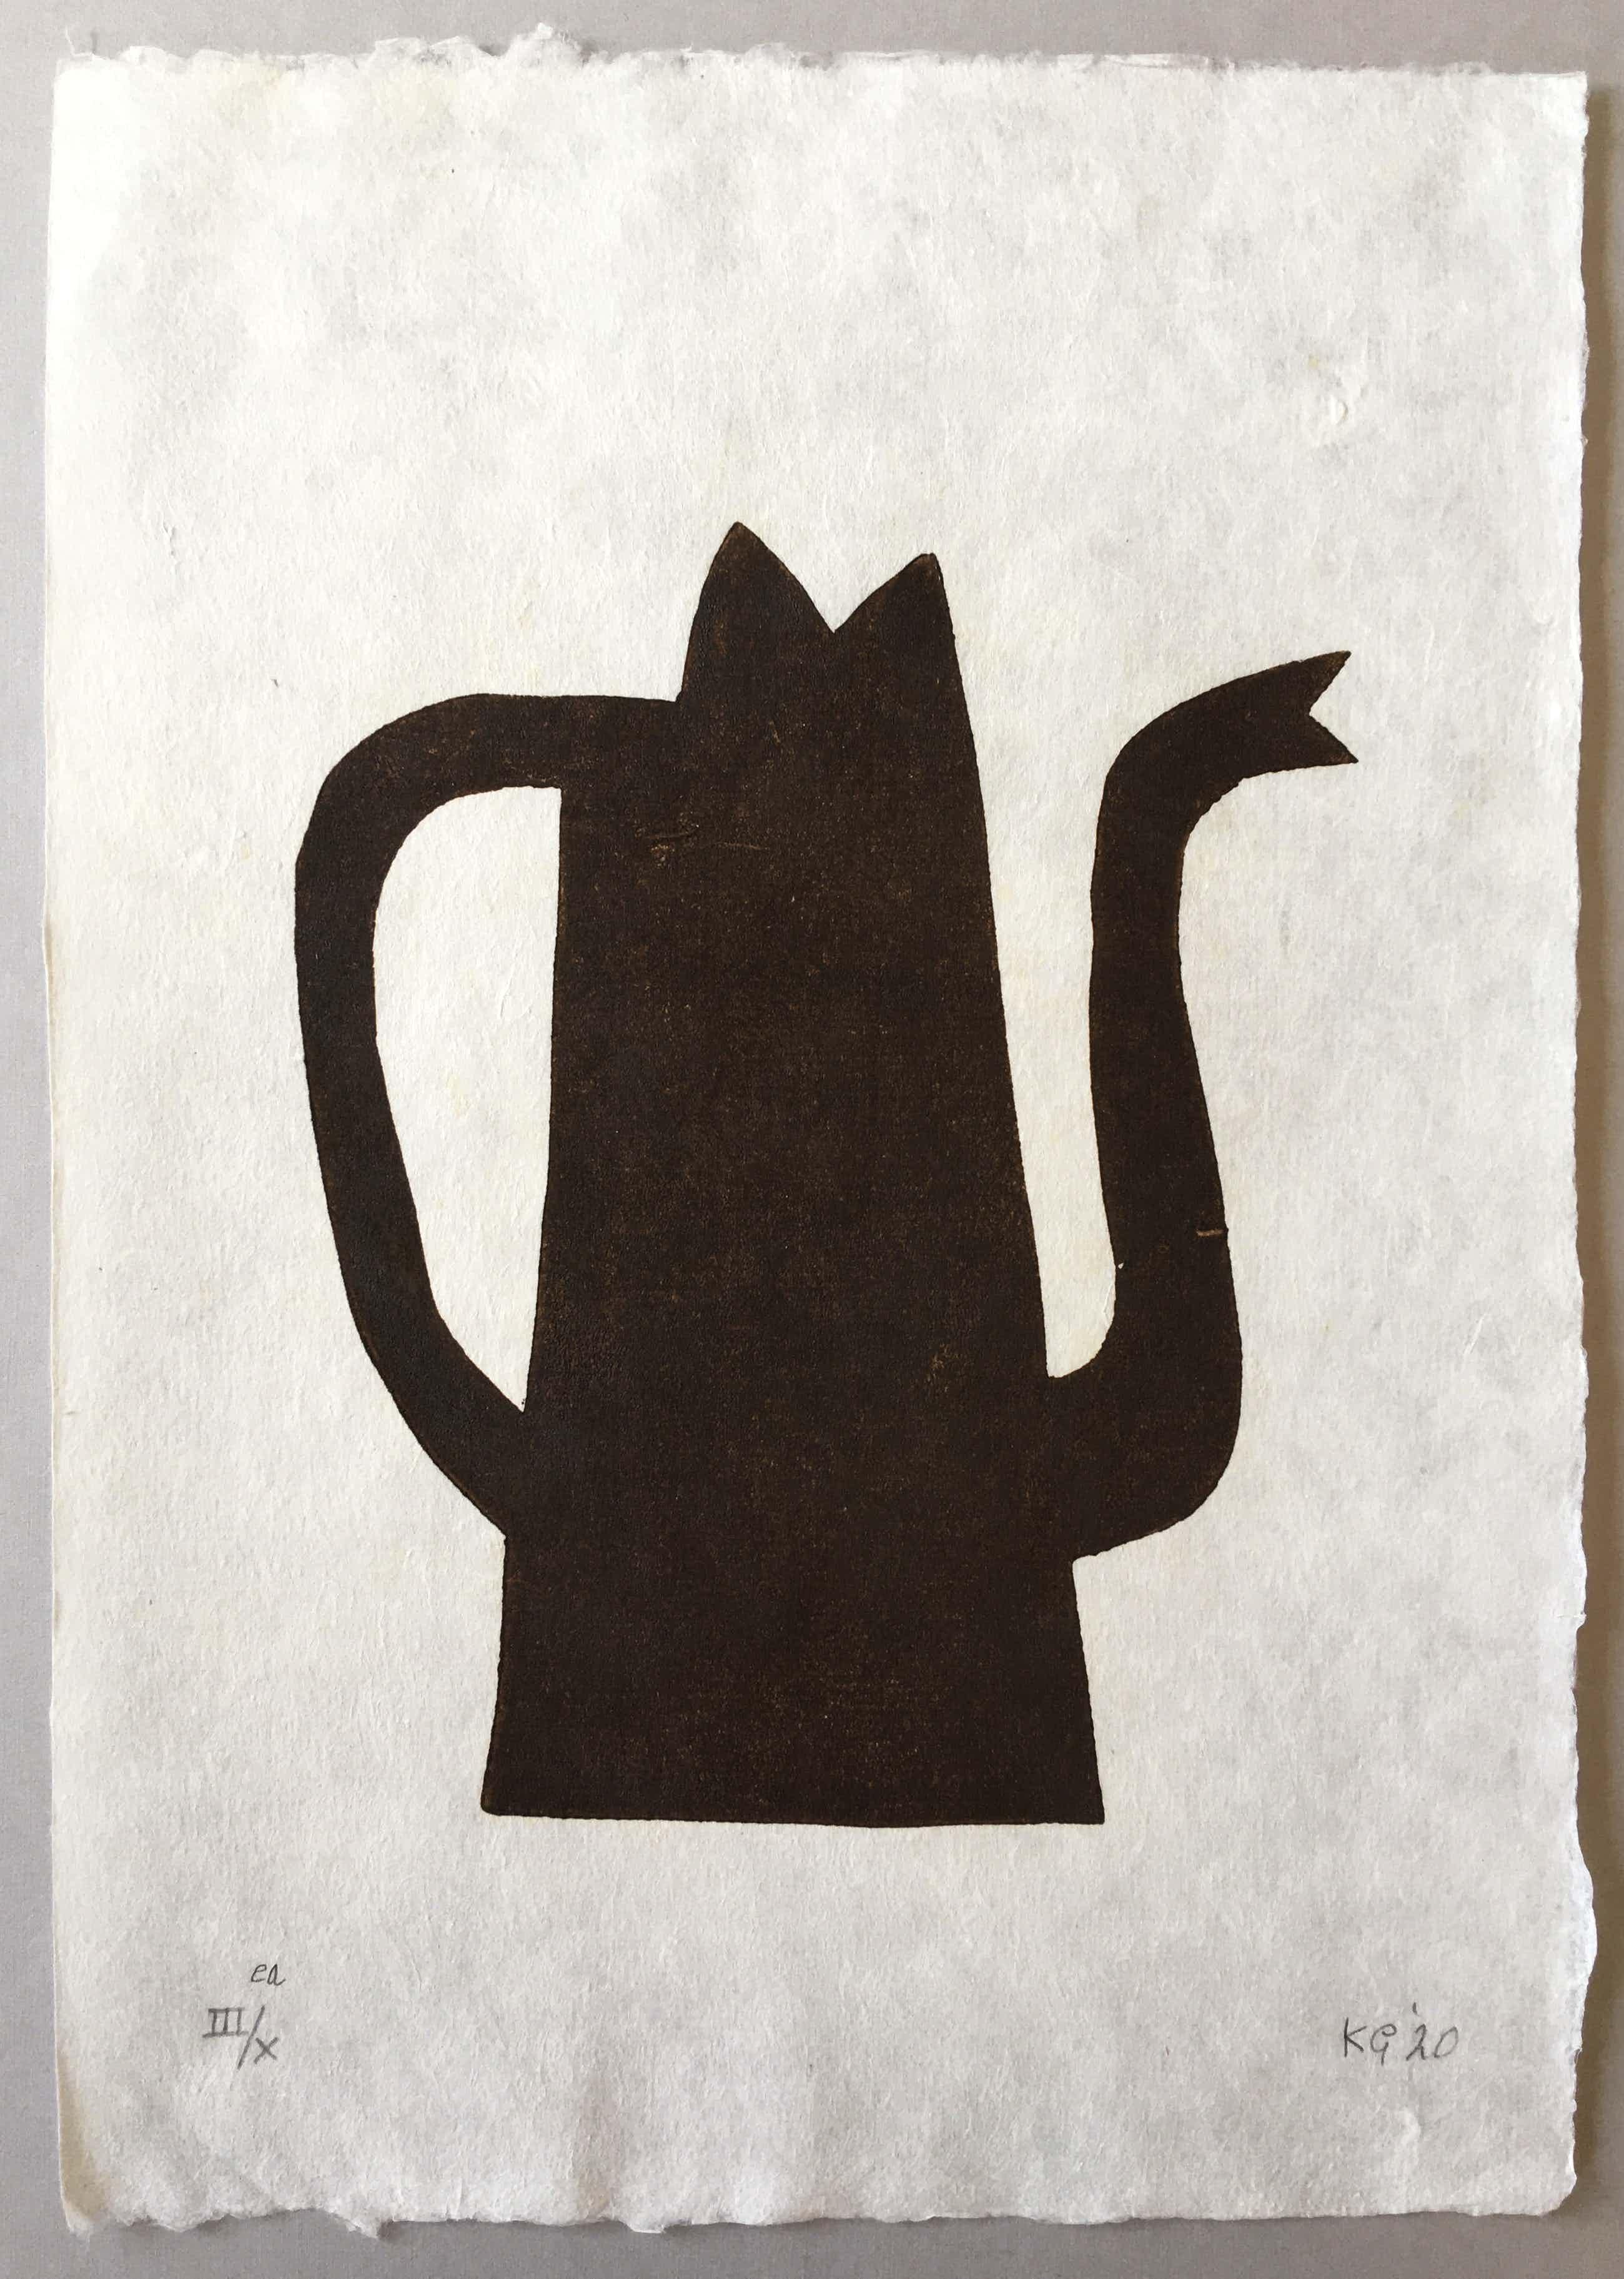 Klaas Gubbels - houtdruk op geschept papier - 'Napels' - 2020 kopen? Bied vanaf 390!